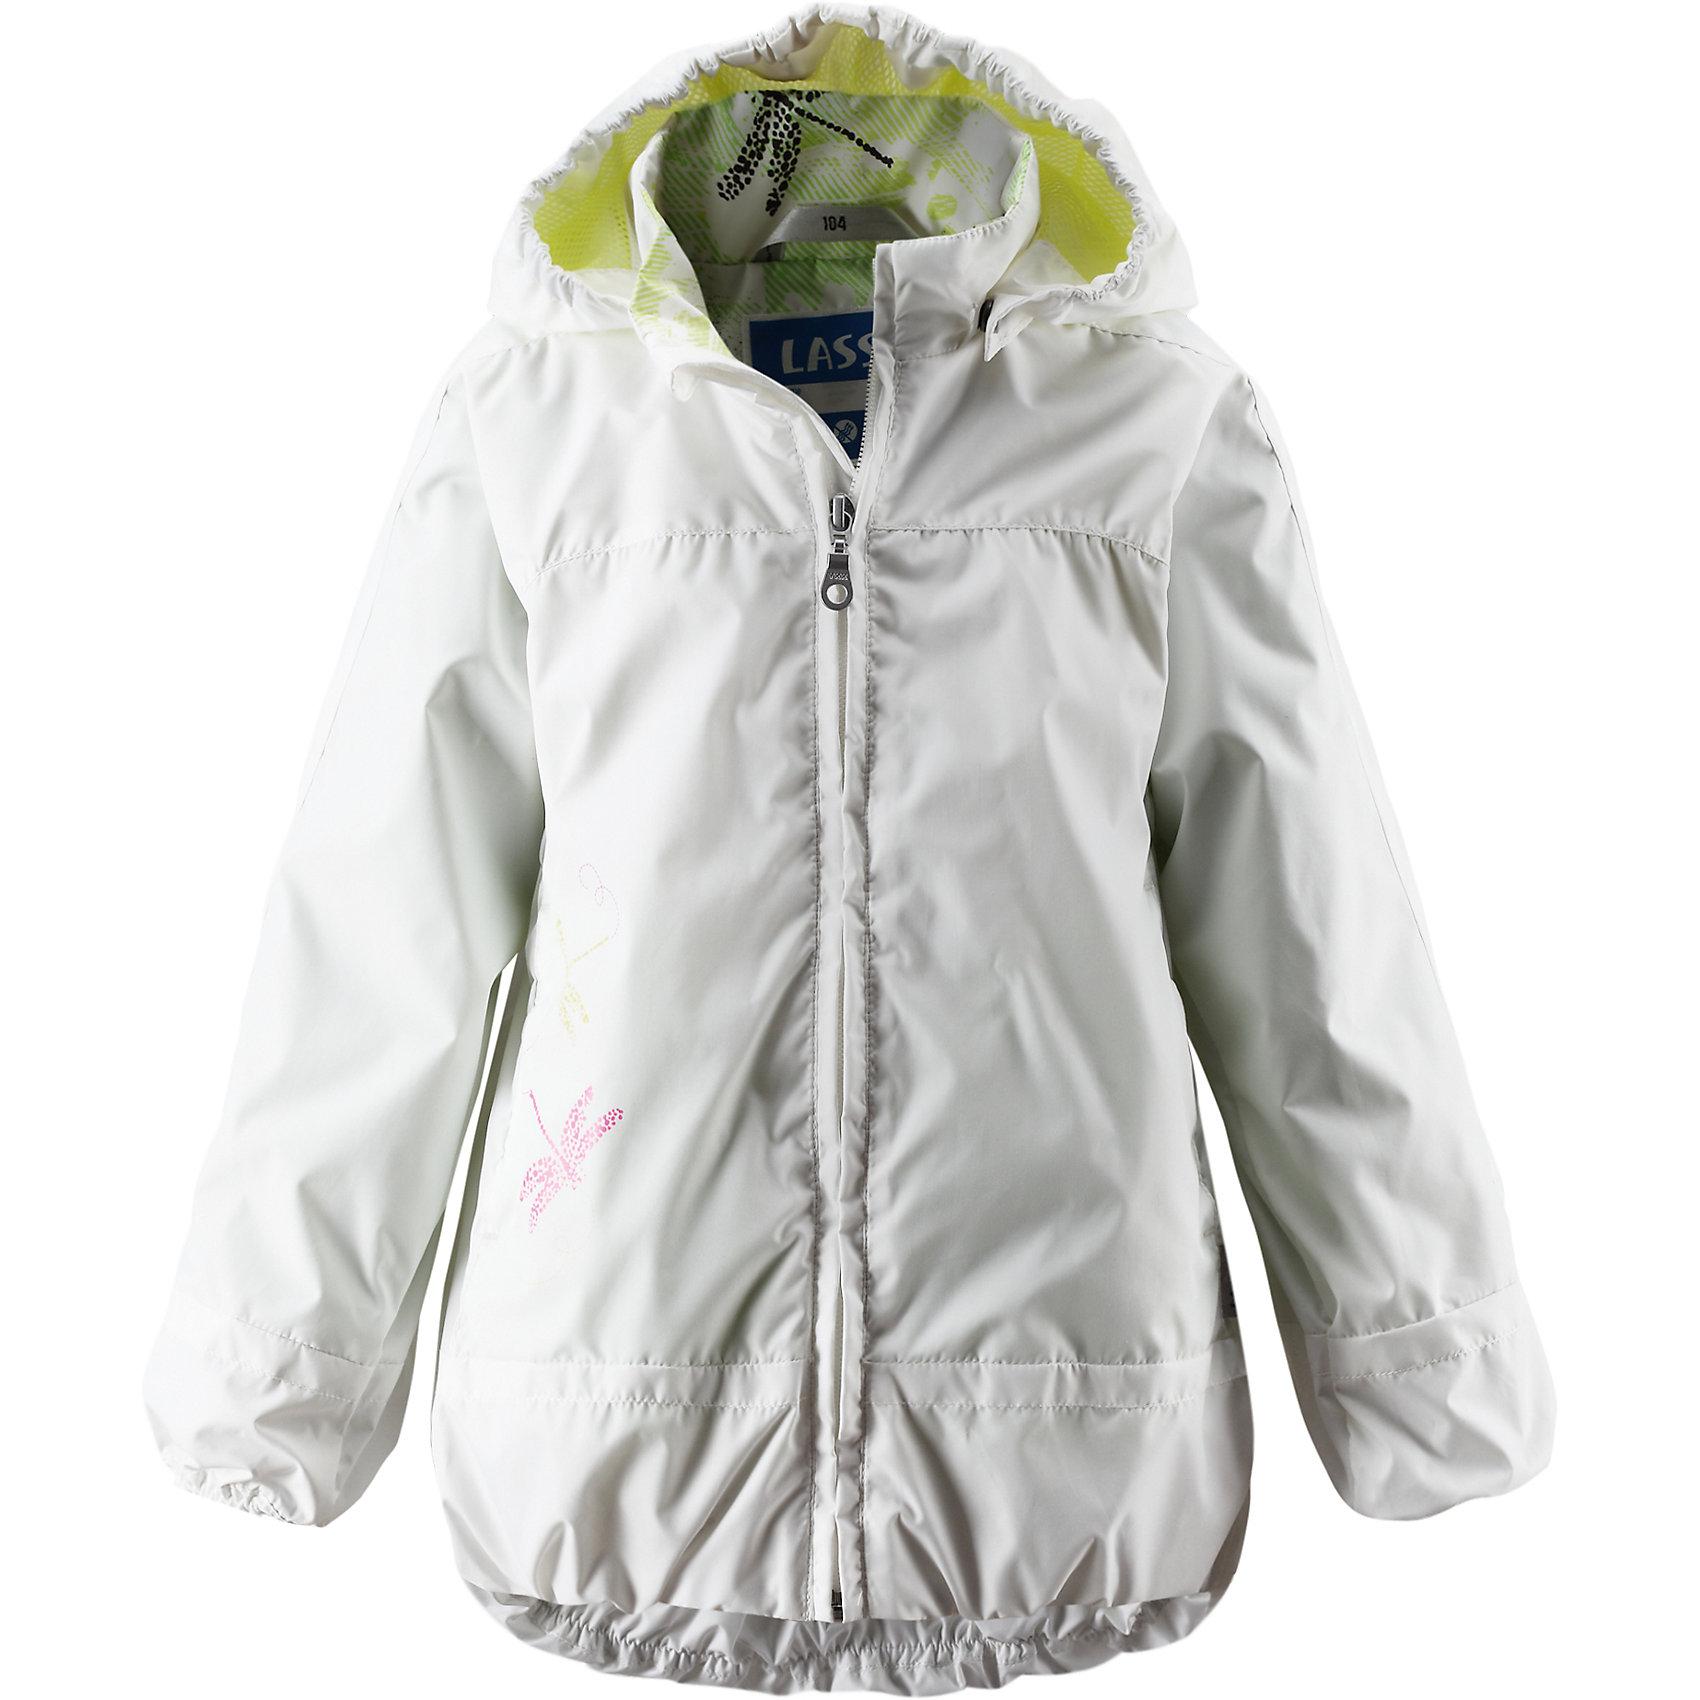 Куртка LASSIEОдежда<br>Куртка LASSIE (Ласси), белый от известного финского производителя  детской одежды Reima. Демисезонная куртка выполнена из полиэстера, который обладает высокой износоустойчивостью, воздухопроницаемыми, водооталкивающими и грязеотталкивающими свойствами. Изделие устойчиво к изменению формы и цвета даже при длительном использовании. Куртка имеет классическую форму: прямой силуэт с чуть присборенным эластичным кантом низом, кант повторяется на рукавах и капюшоне, воротник-стойка, застежка-молния с защитой у подбородка и 2 боковых прорезных кармана на липучках. Куртка имеет полиуретановое покрытие, что делает ее непромокаемой даже в дождливую погоду. Куртка идеально подходит для весенних и осенних прогулок.<br><br>Дополнительная информация:<br><br>- Предназначение: повседневная одежда для прогулок и активного отдыха<br>- Цвет: белый<br>- Пол: для девочки<br>- Состав: 100% полиэстер, полиуретановое покрытие<br>- Сезон: весна-осень (демисезонная)<br>- Особенности ухода: стирать изделие, предварительно вывернув его на левую сторону, не использовать отбеливающие вещества<br><br>Подробнее:<br><br>• Для детей в возрасте: от 2 лет и до 3 лет<br>• Страна производитель: Китай<br>• Торговый бренд: Reima, Финляндия<br><br>Куртку LASSIE (Ласси), белый можно купить в нашем интернет-магазине.<br><br>Ширина мм: 356<br>Глубина мм: 10<br>Высота мм: 245<br>Вес г: 519<br>Цвет: белый<br>Возраст от месяцев: 24<br>Возраст до месяцев: 36<br>Пол: Унисекс<br>Возраст: Детский<br>Размер: 104,98,116,110,122,128,134,92,140<br>SKU: 4869792